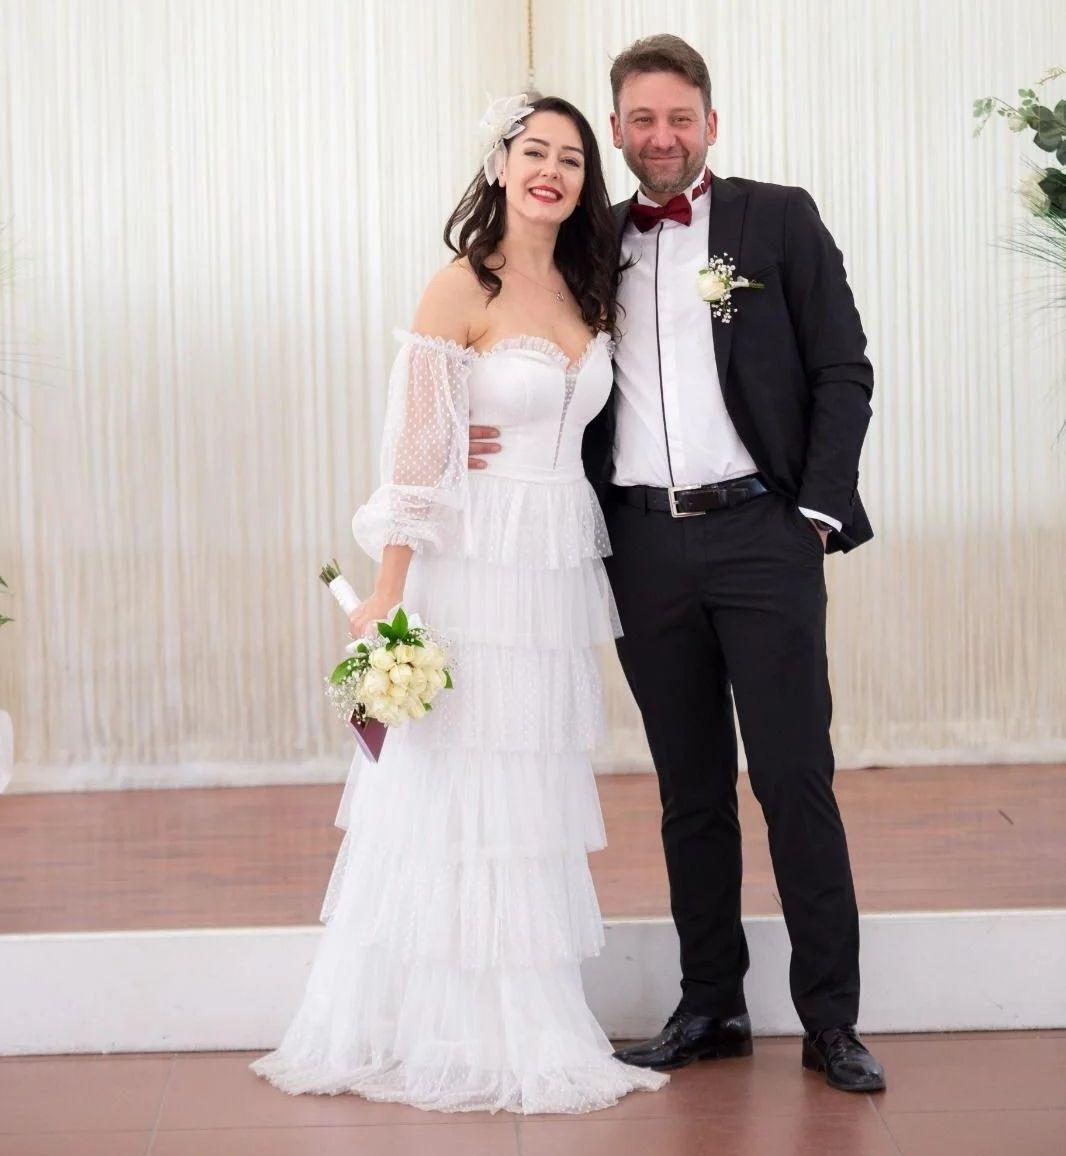 Eşkıya Dünyaya Hükümdar Olmaz oyuncusunun mutlu günü - Sayfa:1